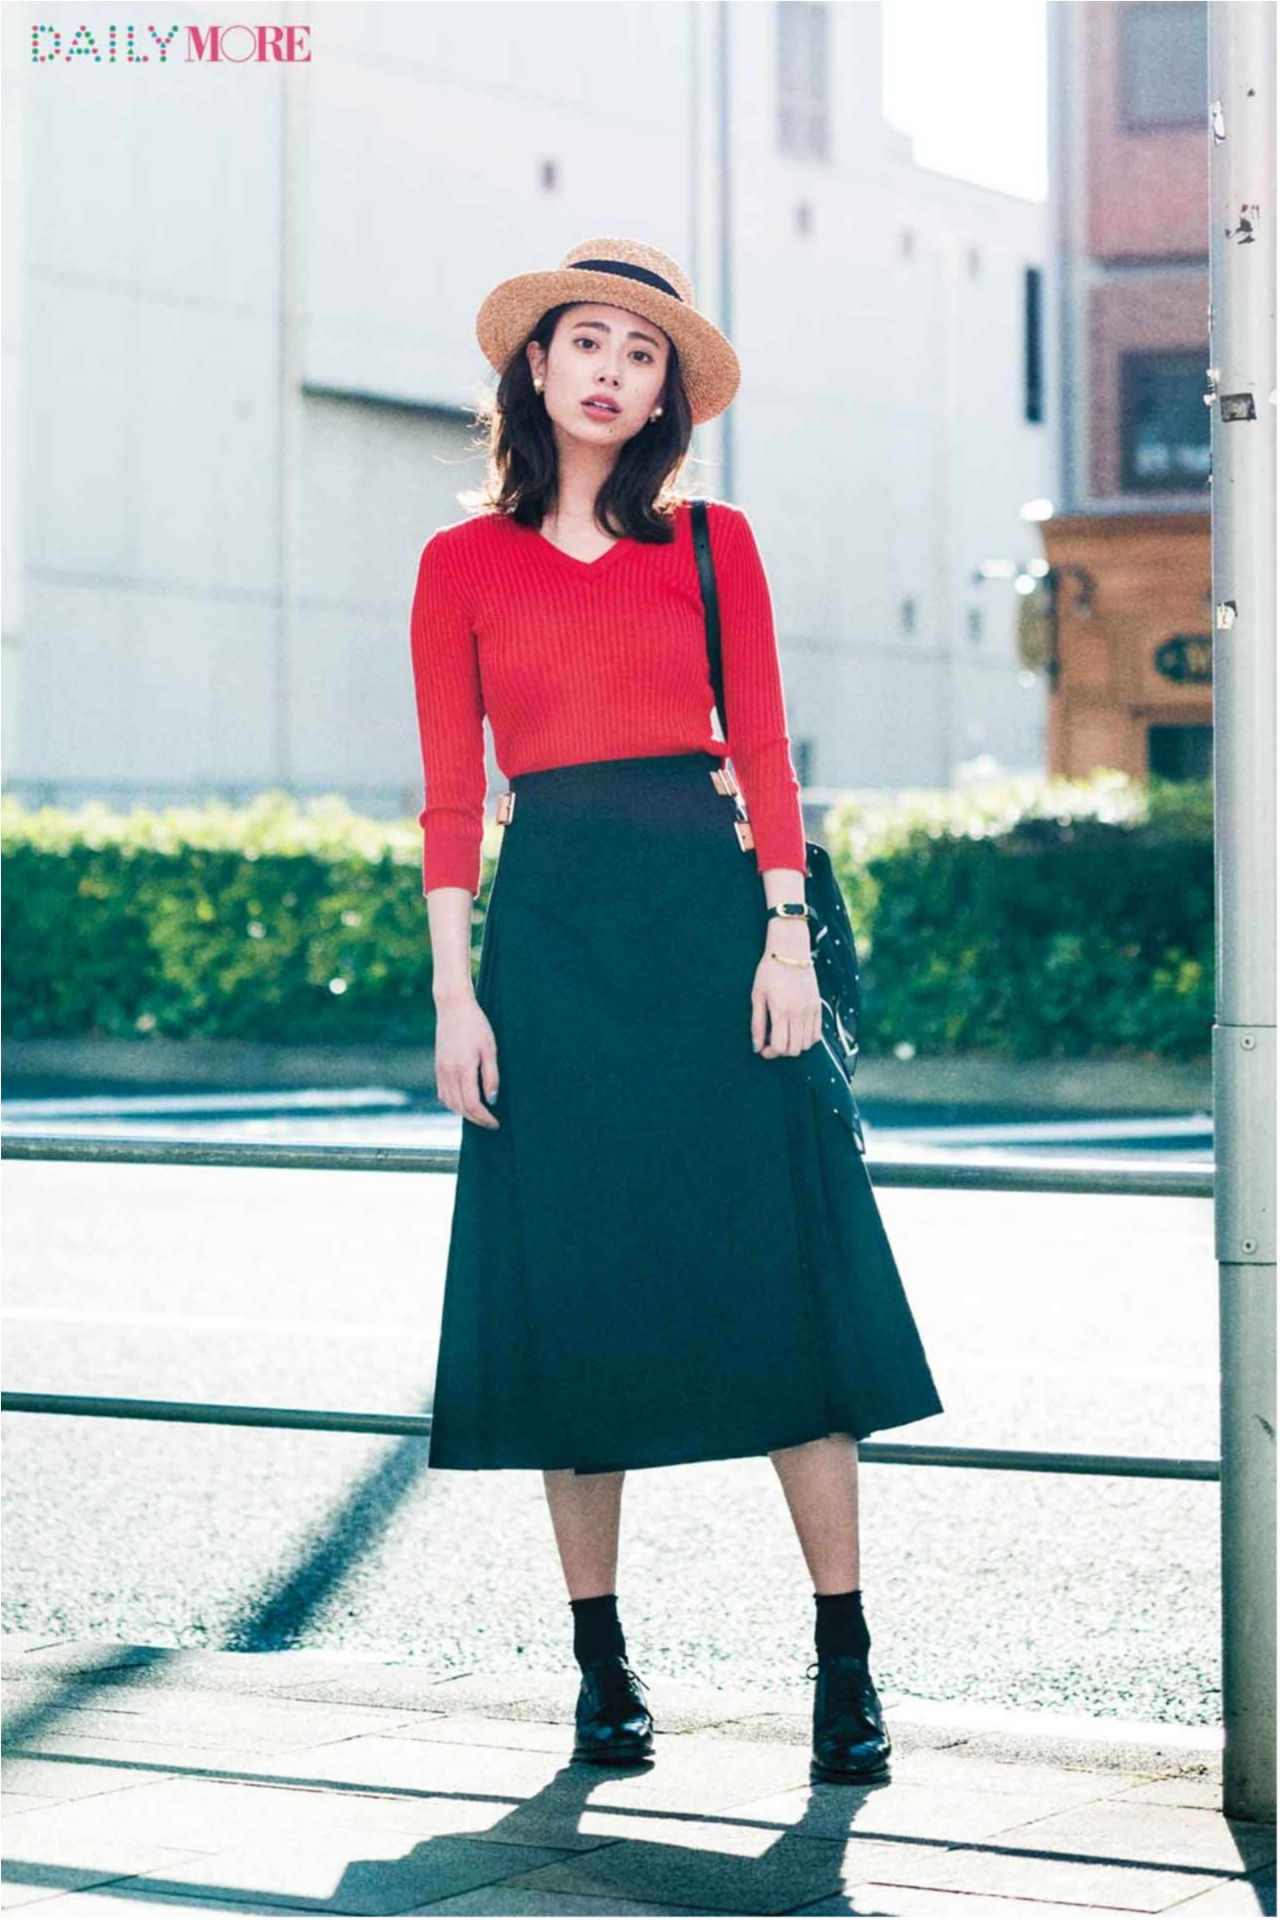 やっぱりスタイルよく見せたい♡ 「スタイルアップ」テーマが1、2位フィニッシュ! 今週のファッション人気ランキングトップ3☆_1_2